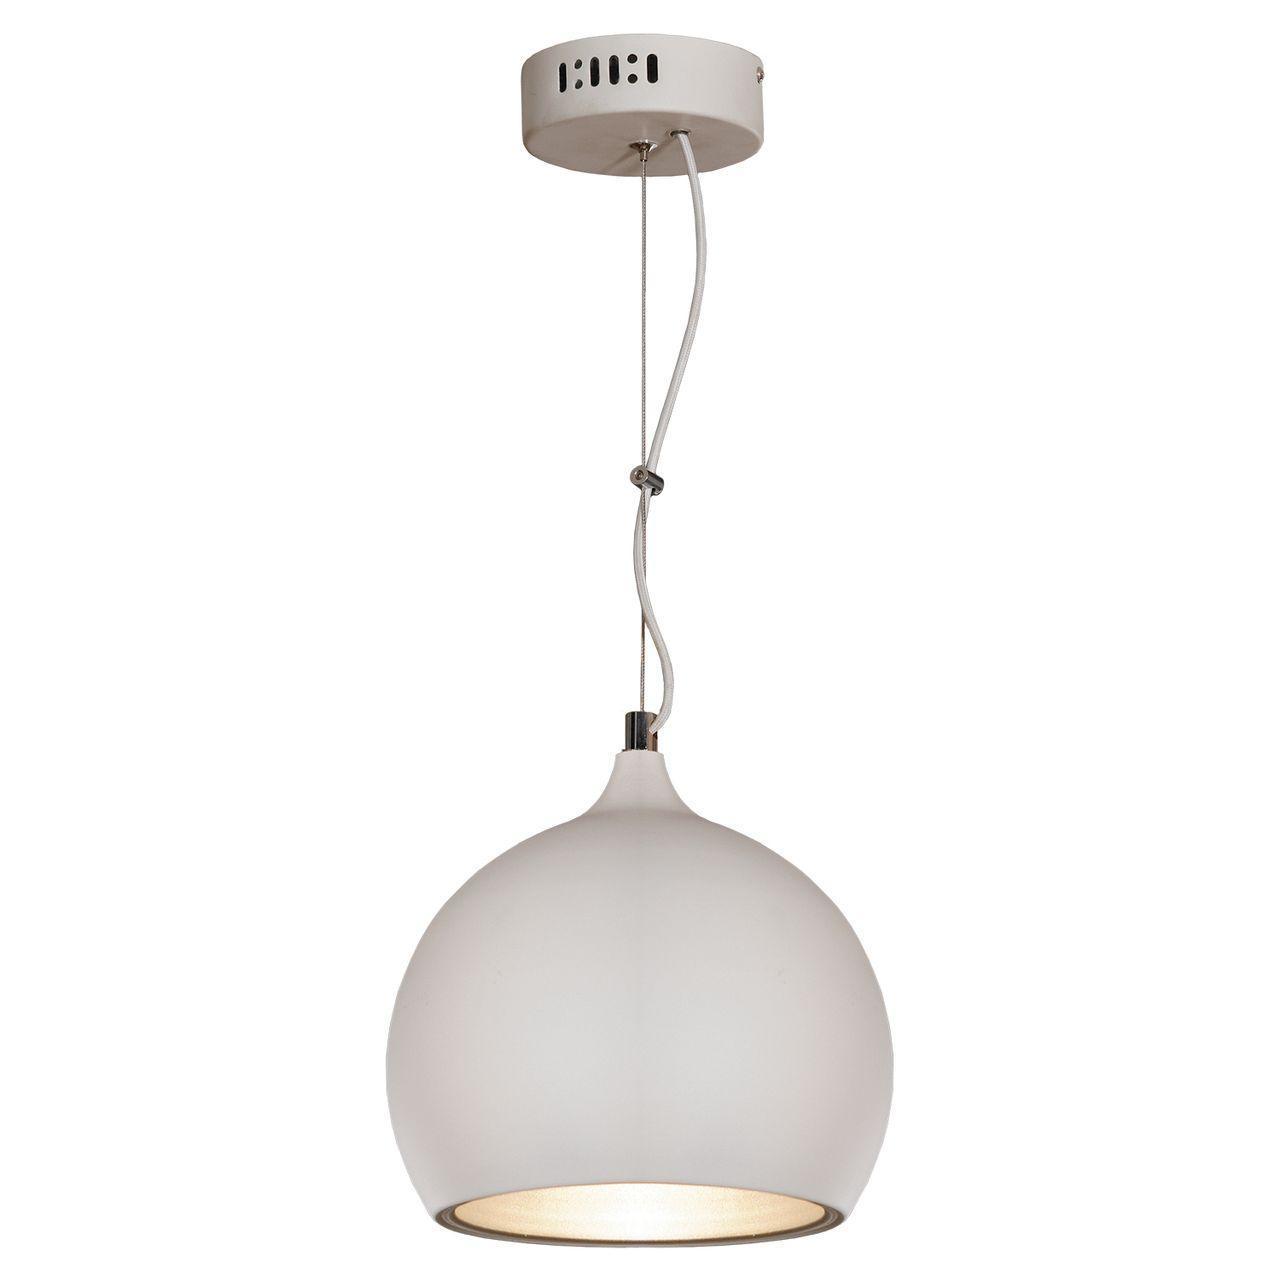 Подвесной светильник Lussole Loft LSN-6126-01 светильник подвесной lussole mela lsn 0206 01